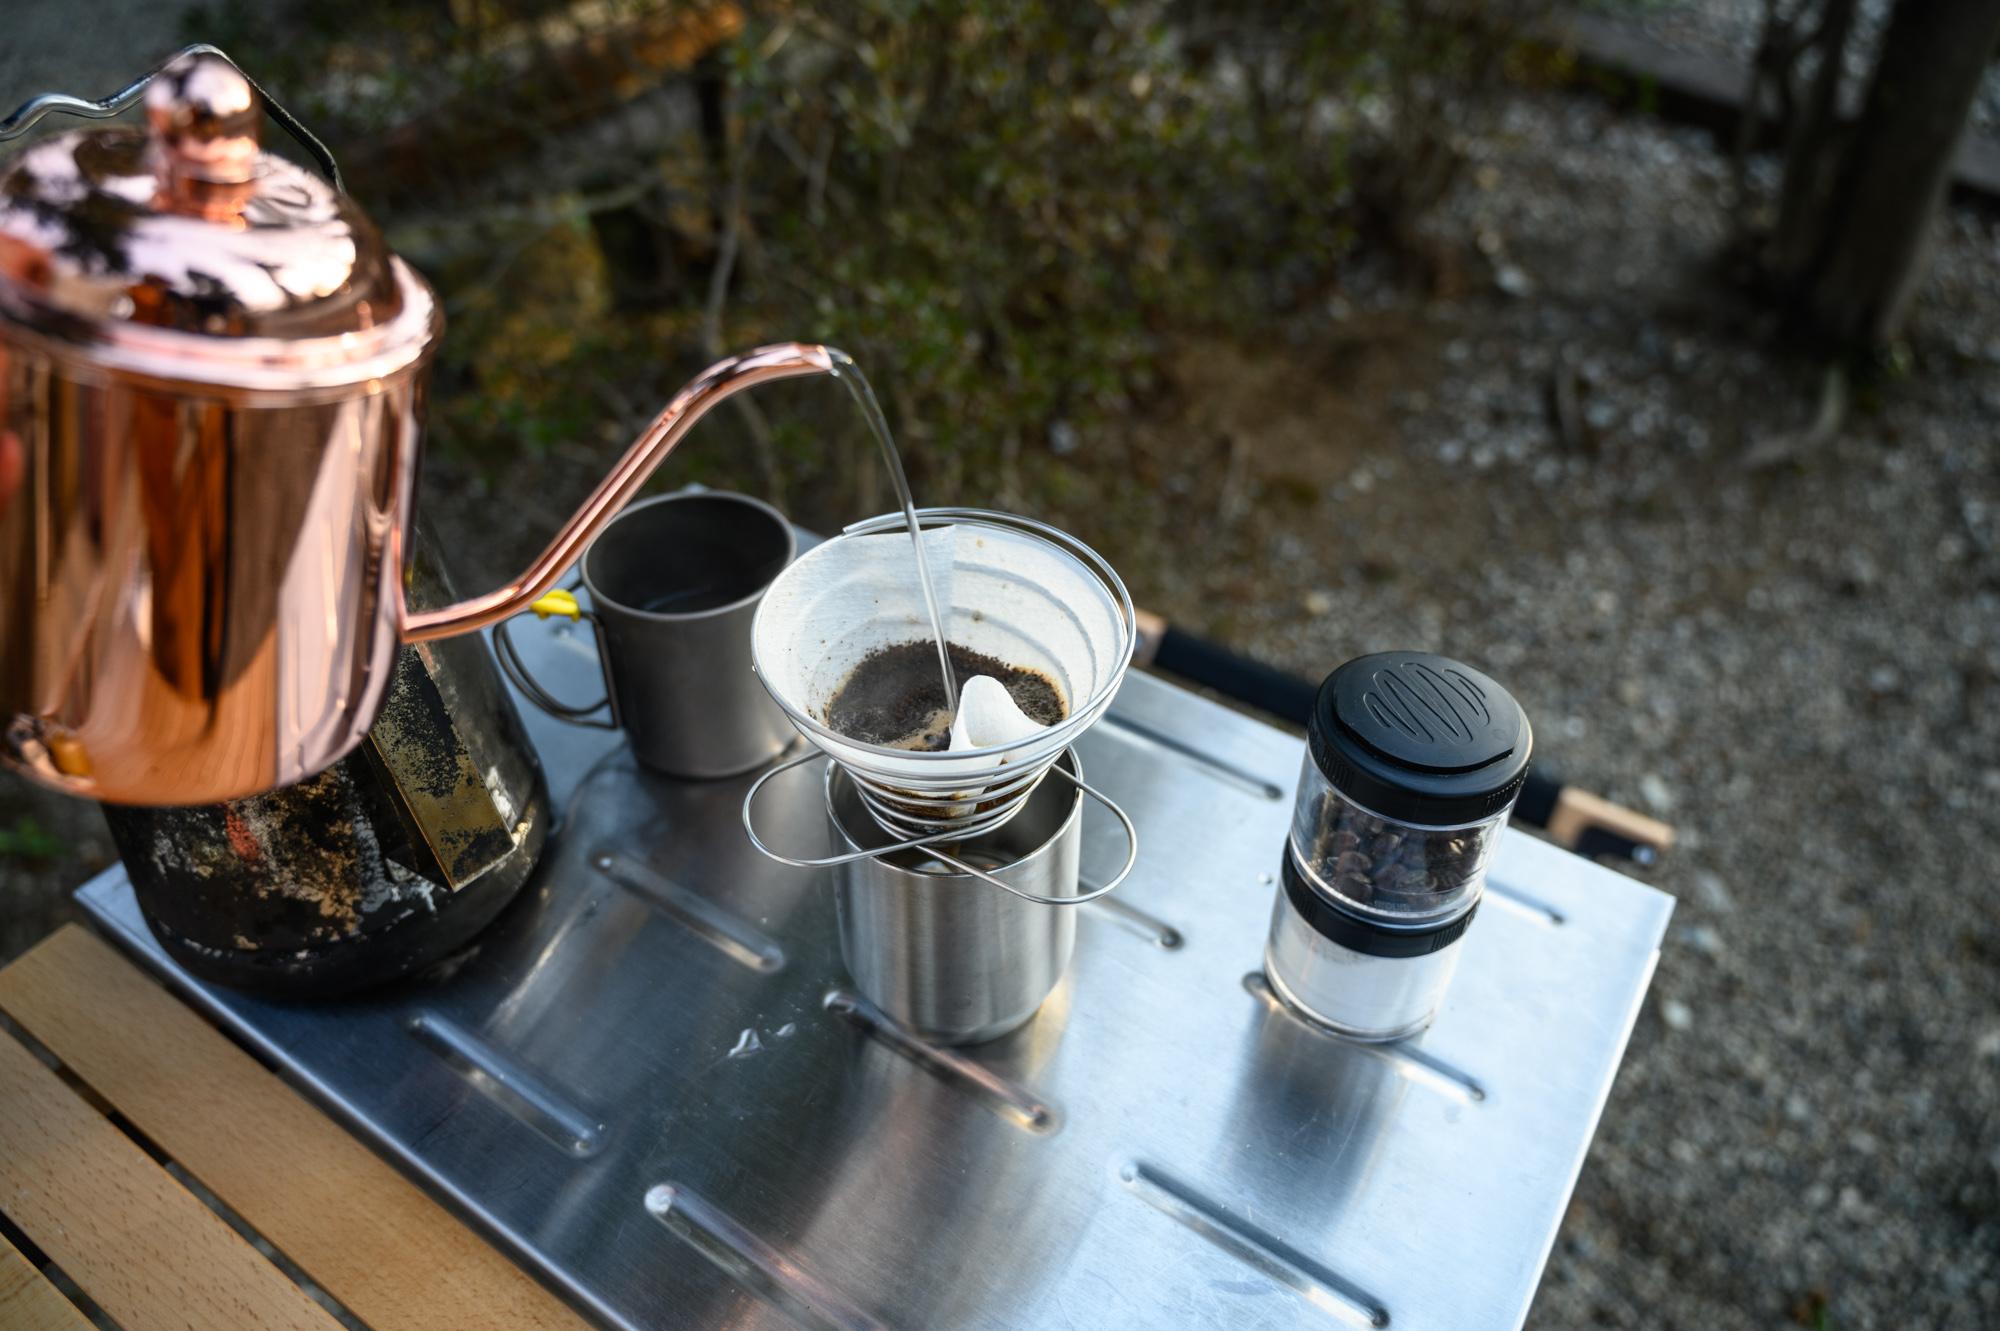 キャンプの朝の醍醐味「挽きたてコーヒー」